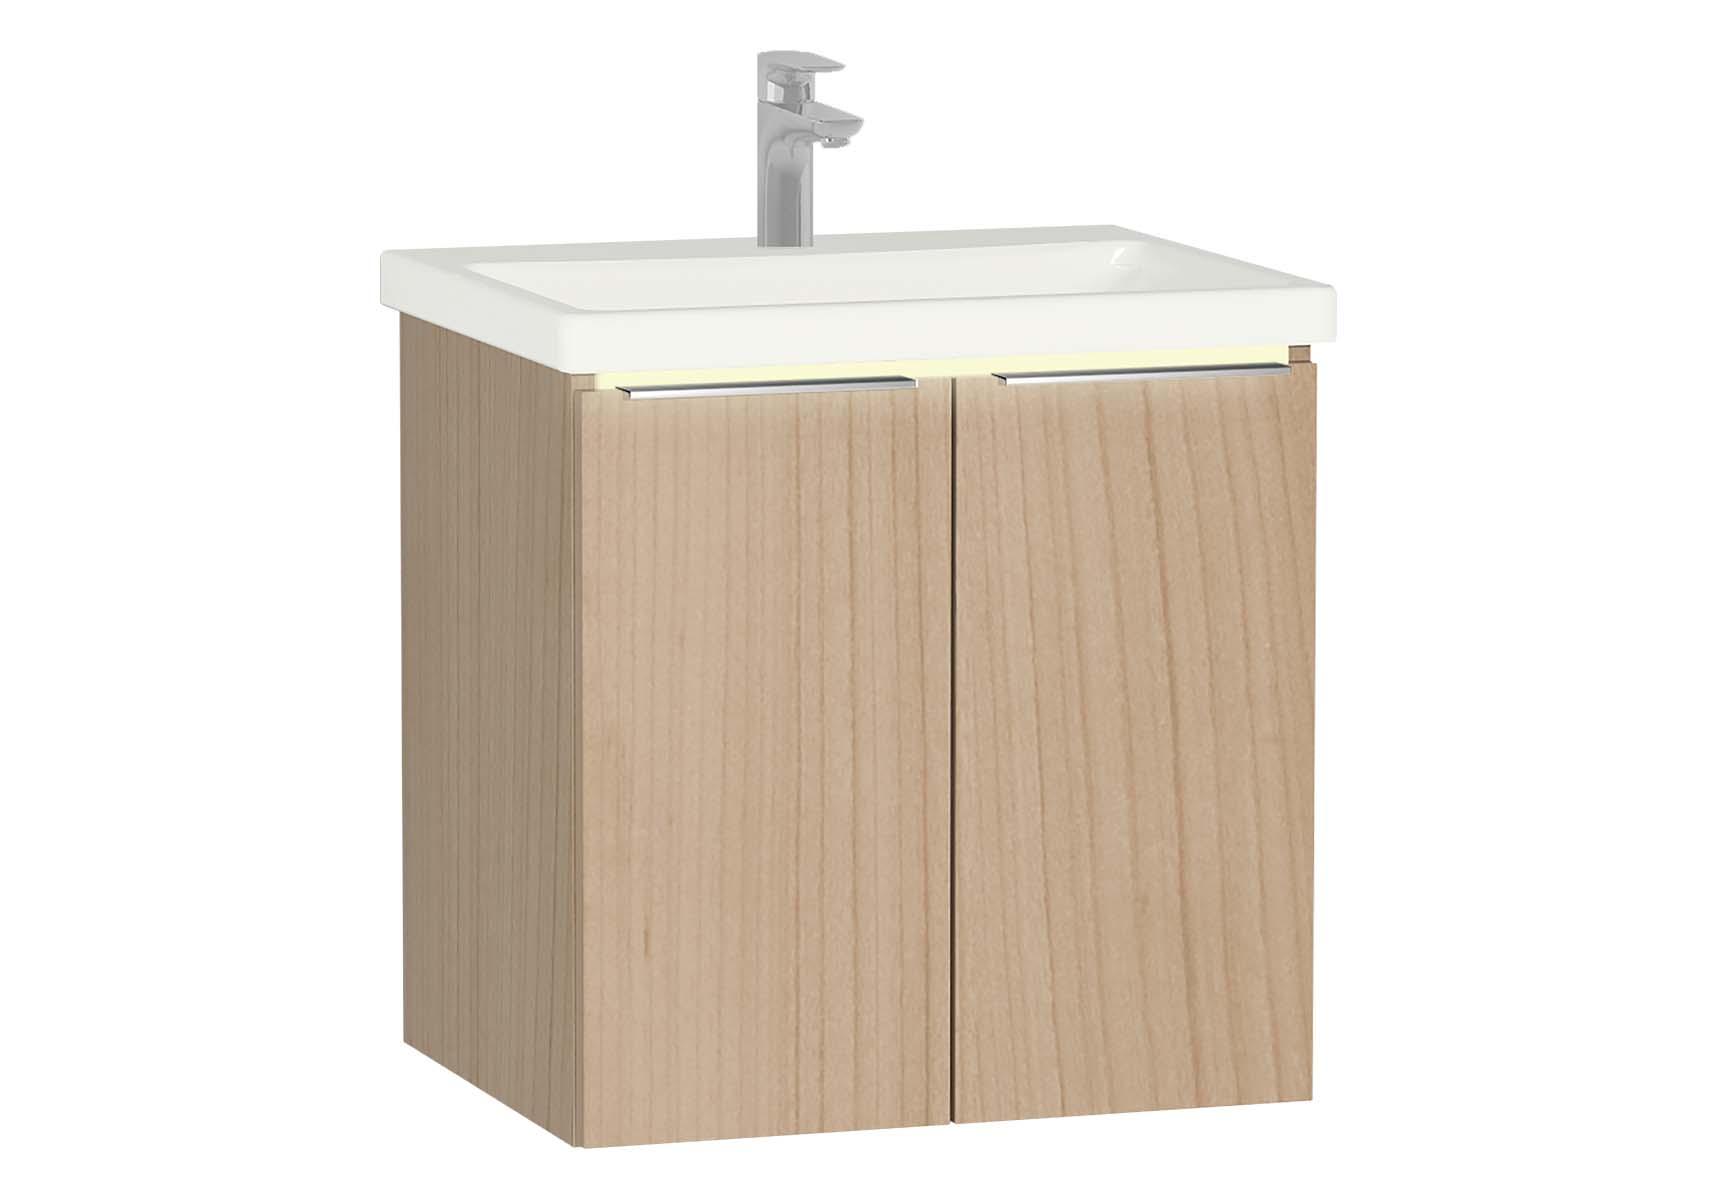 Central Washbasin Unit with doors, 60 cm, Golden Cherry, Ceramic Washbasin, Led